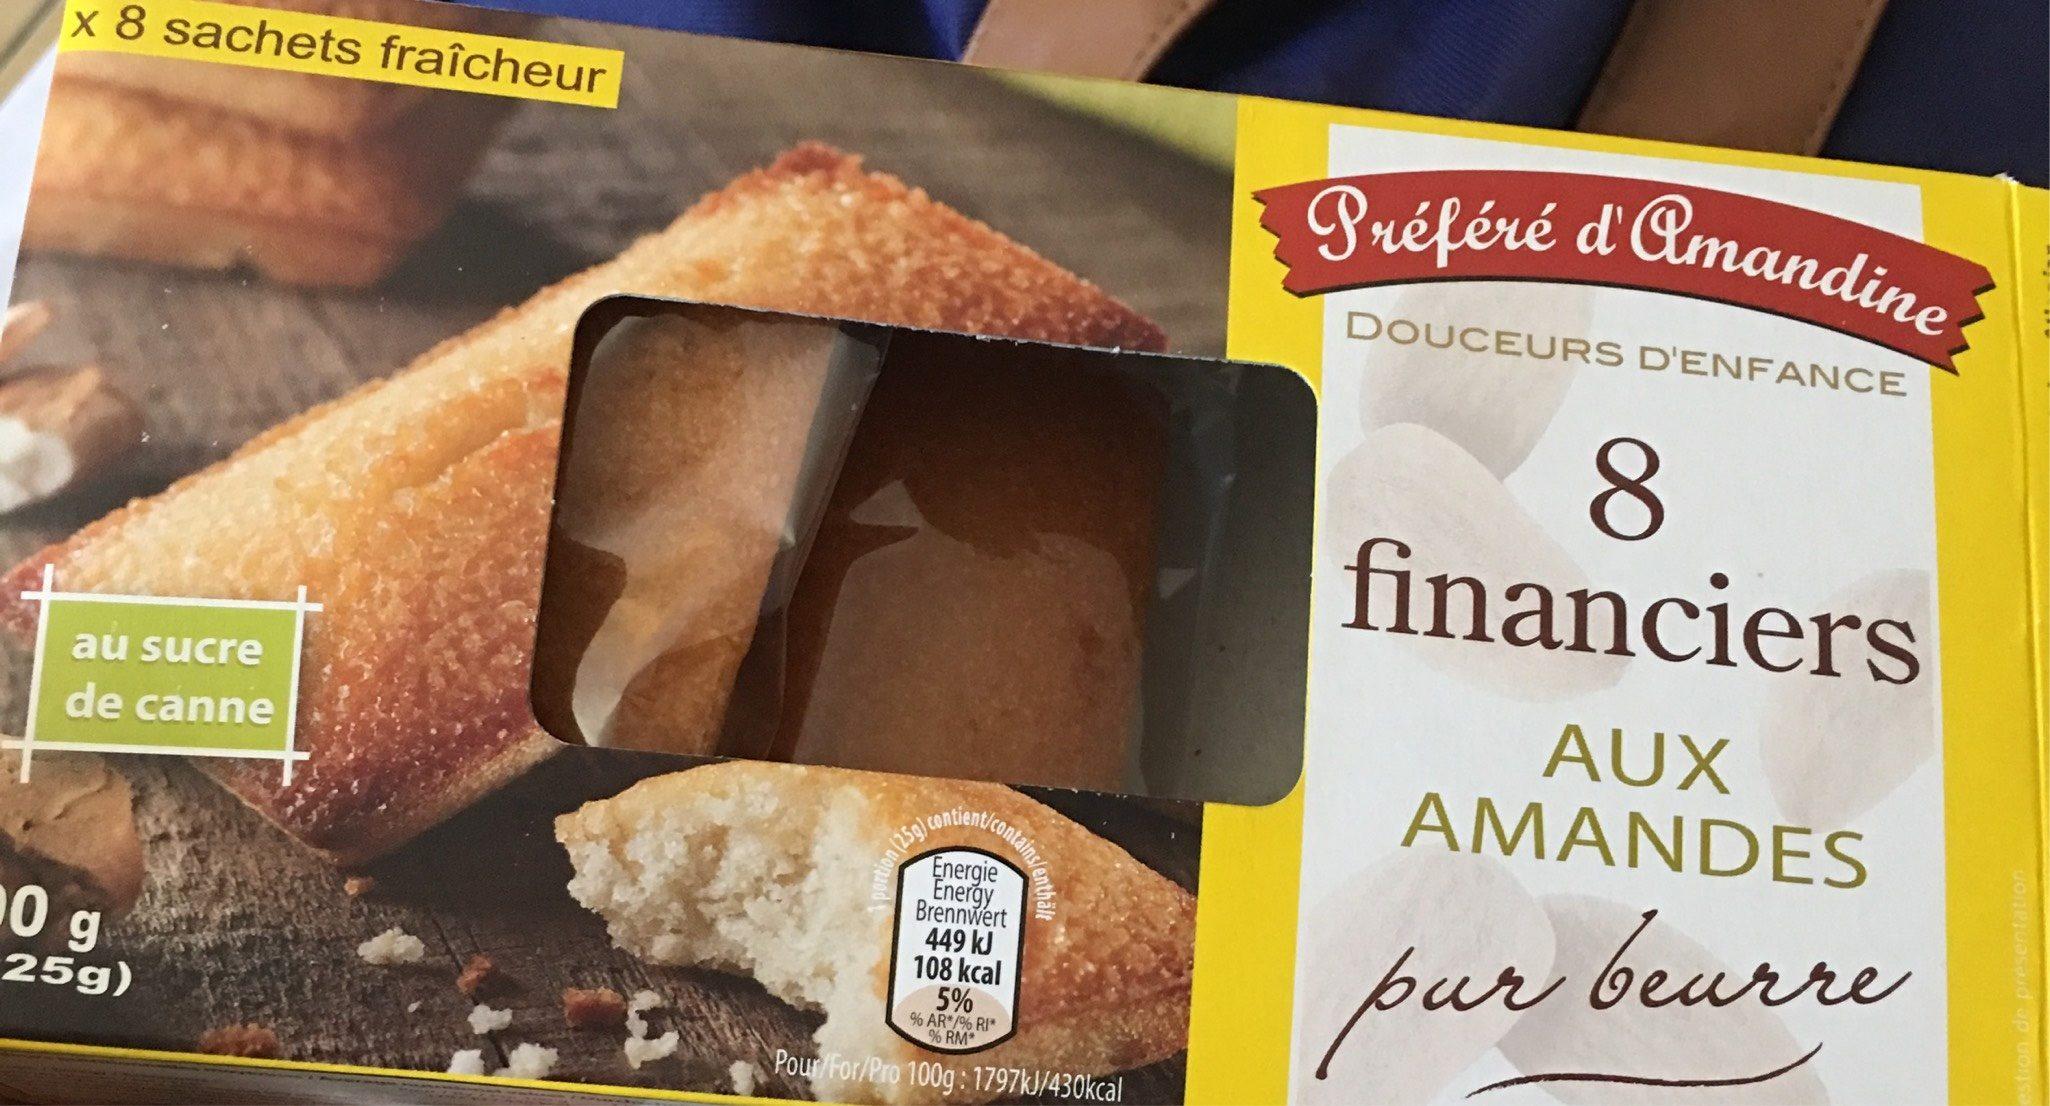 8 financiers aux amandes - Produit - fr